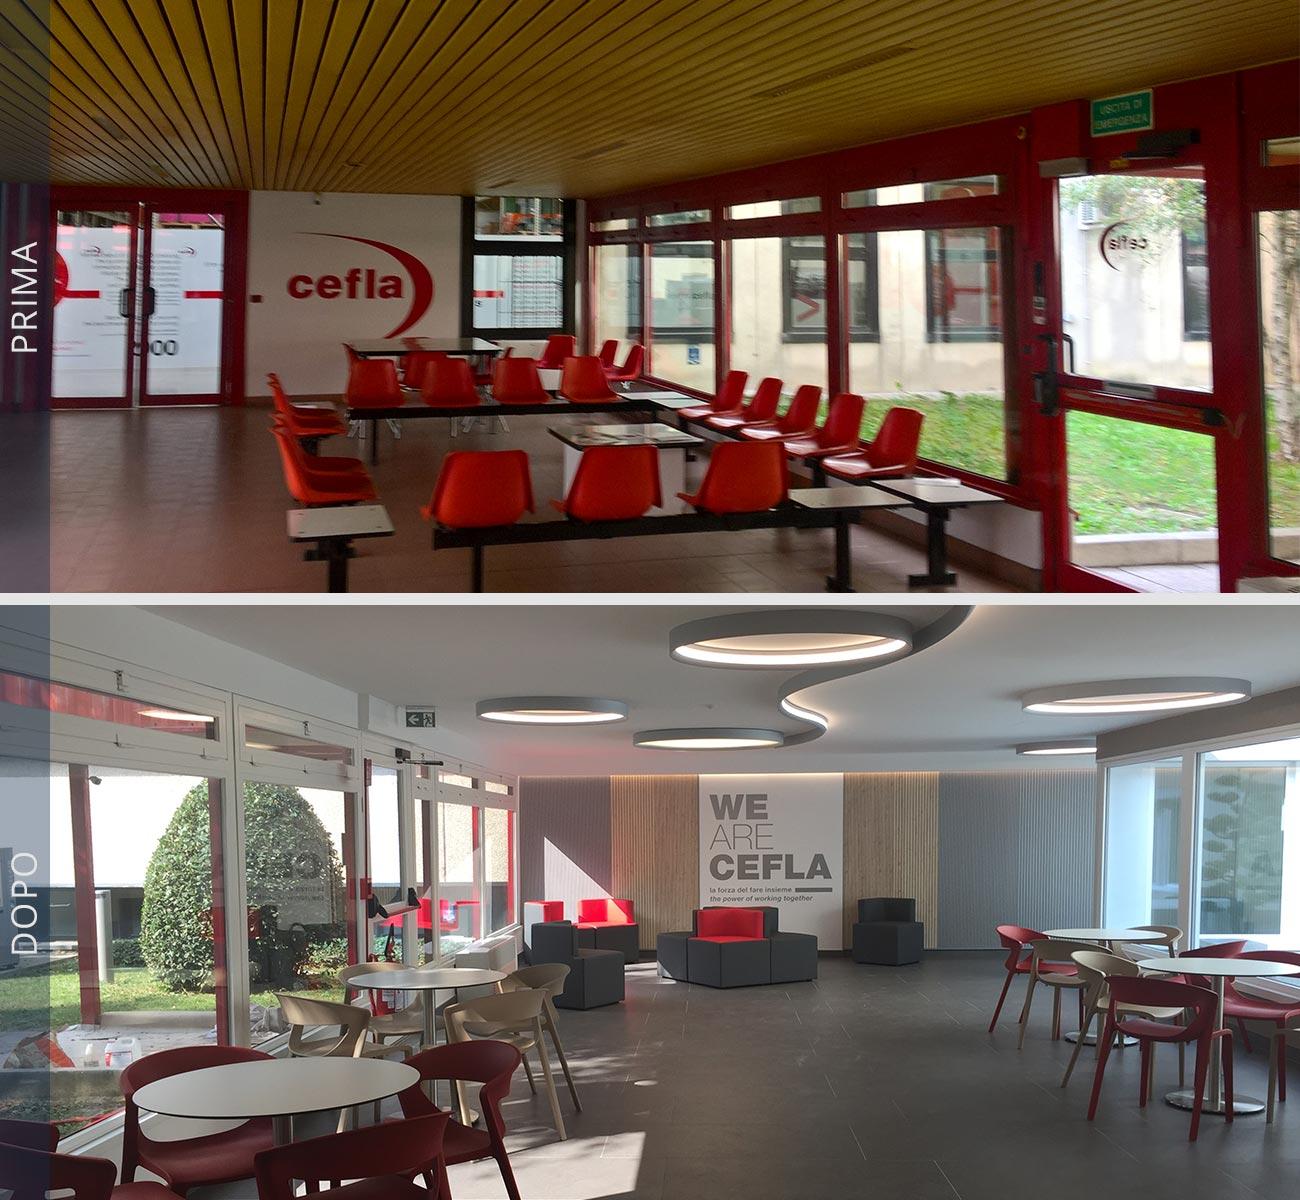 mensa-selice-cefla-imola_studio-tb-progettazione-architettonica-01